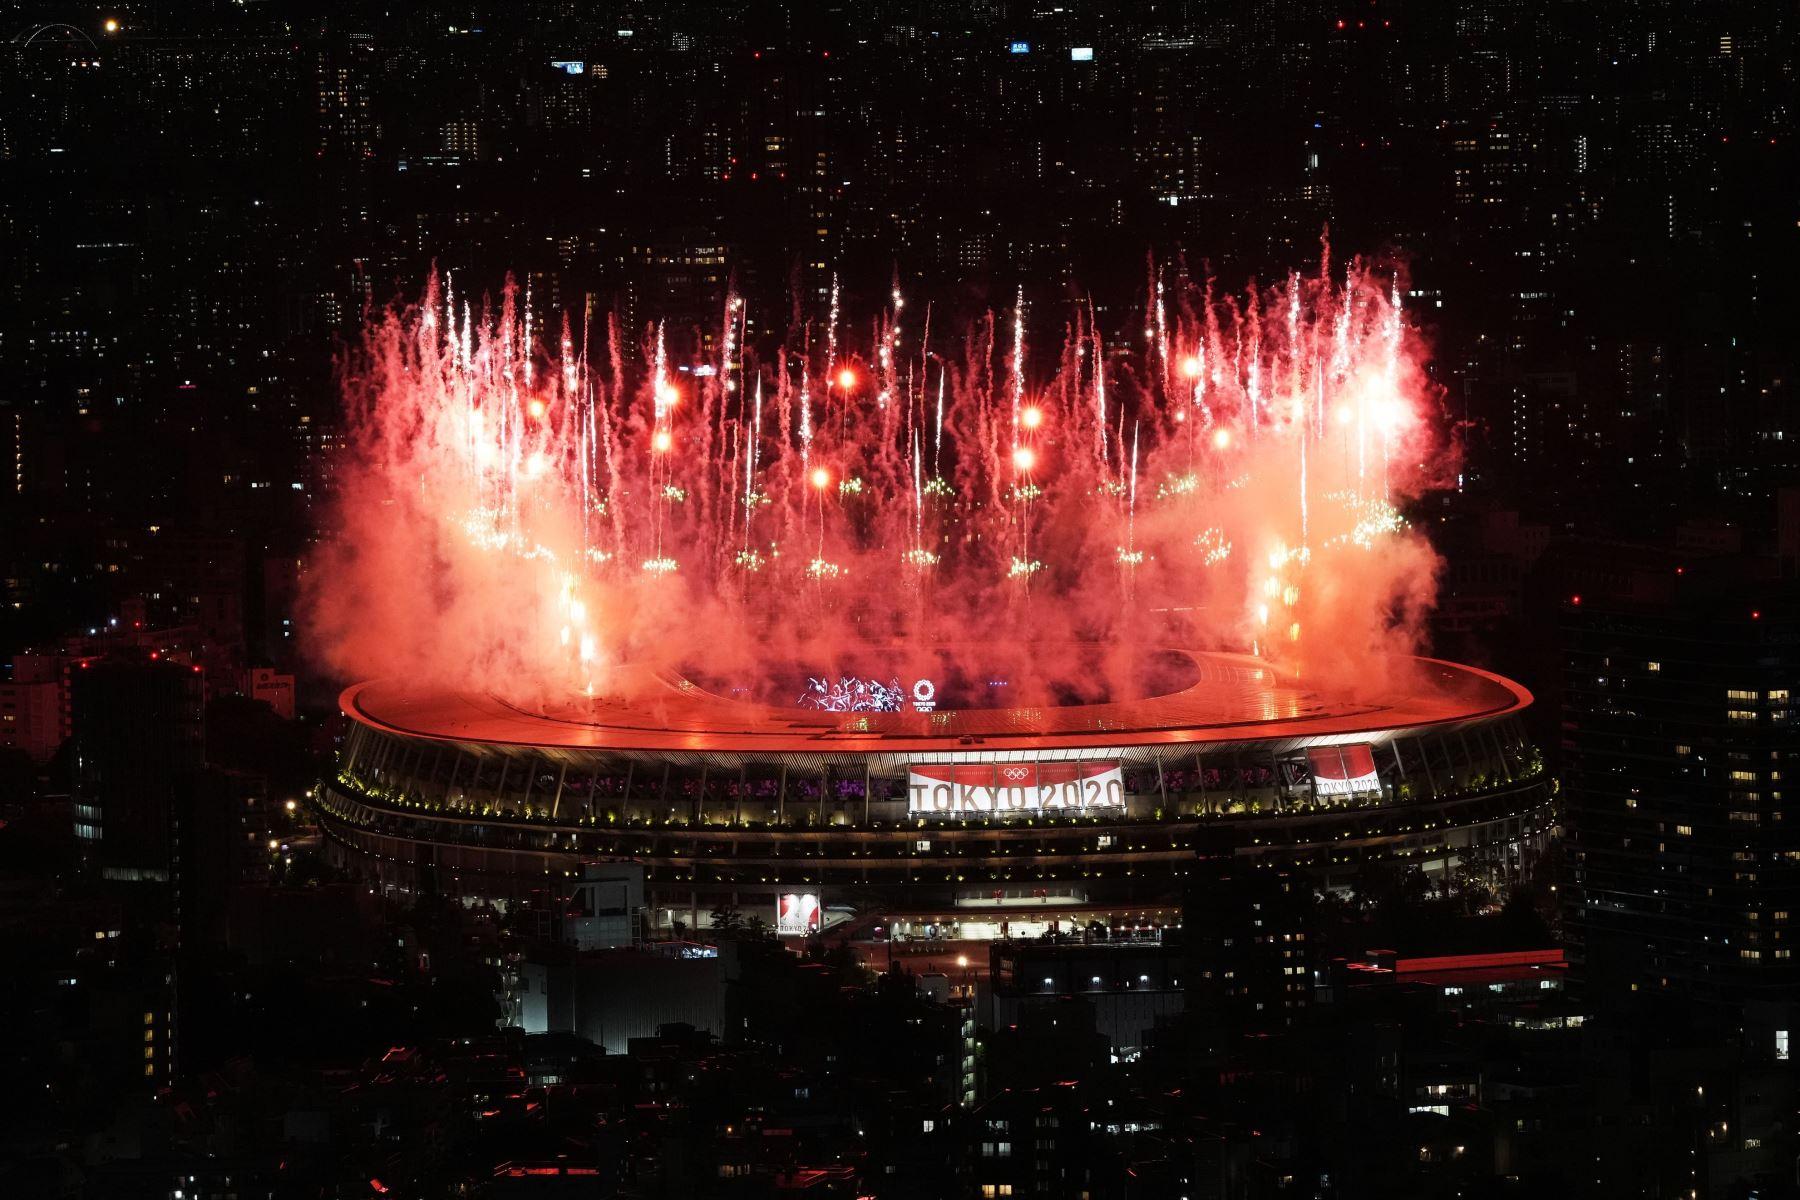 Fuegos artificiales al inicio de la Ceremonia de Apertura de los Juegos Olímpicos de Tokio 2020 en el Estadio Olímpico de Tokio, Japón. Foto: EFE